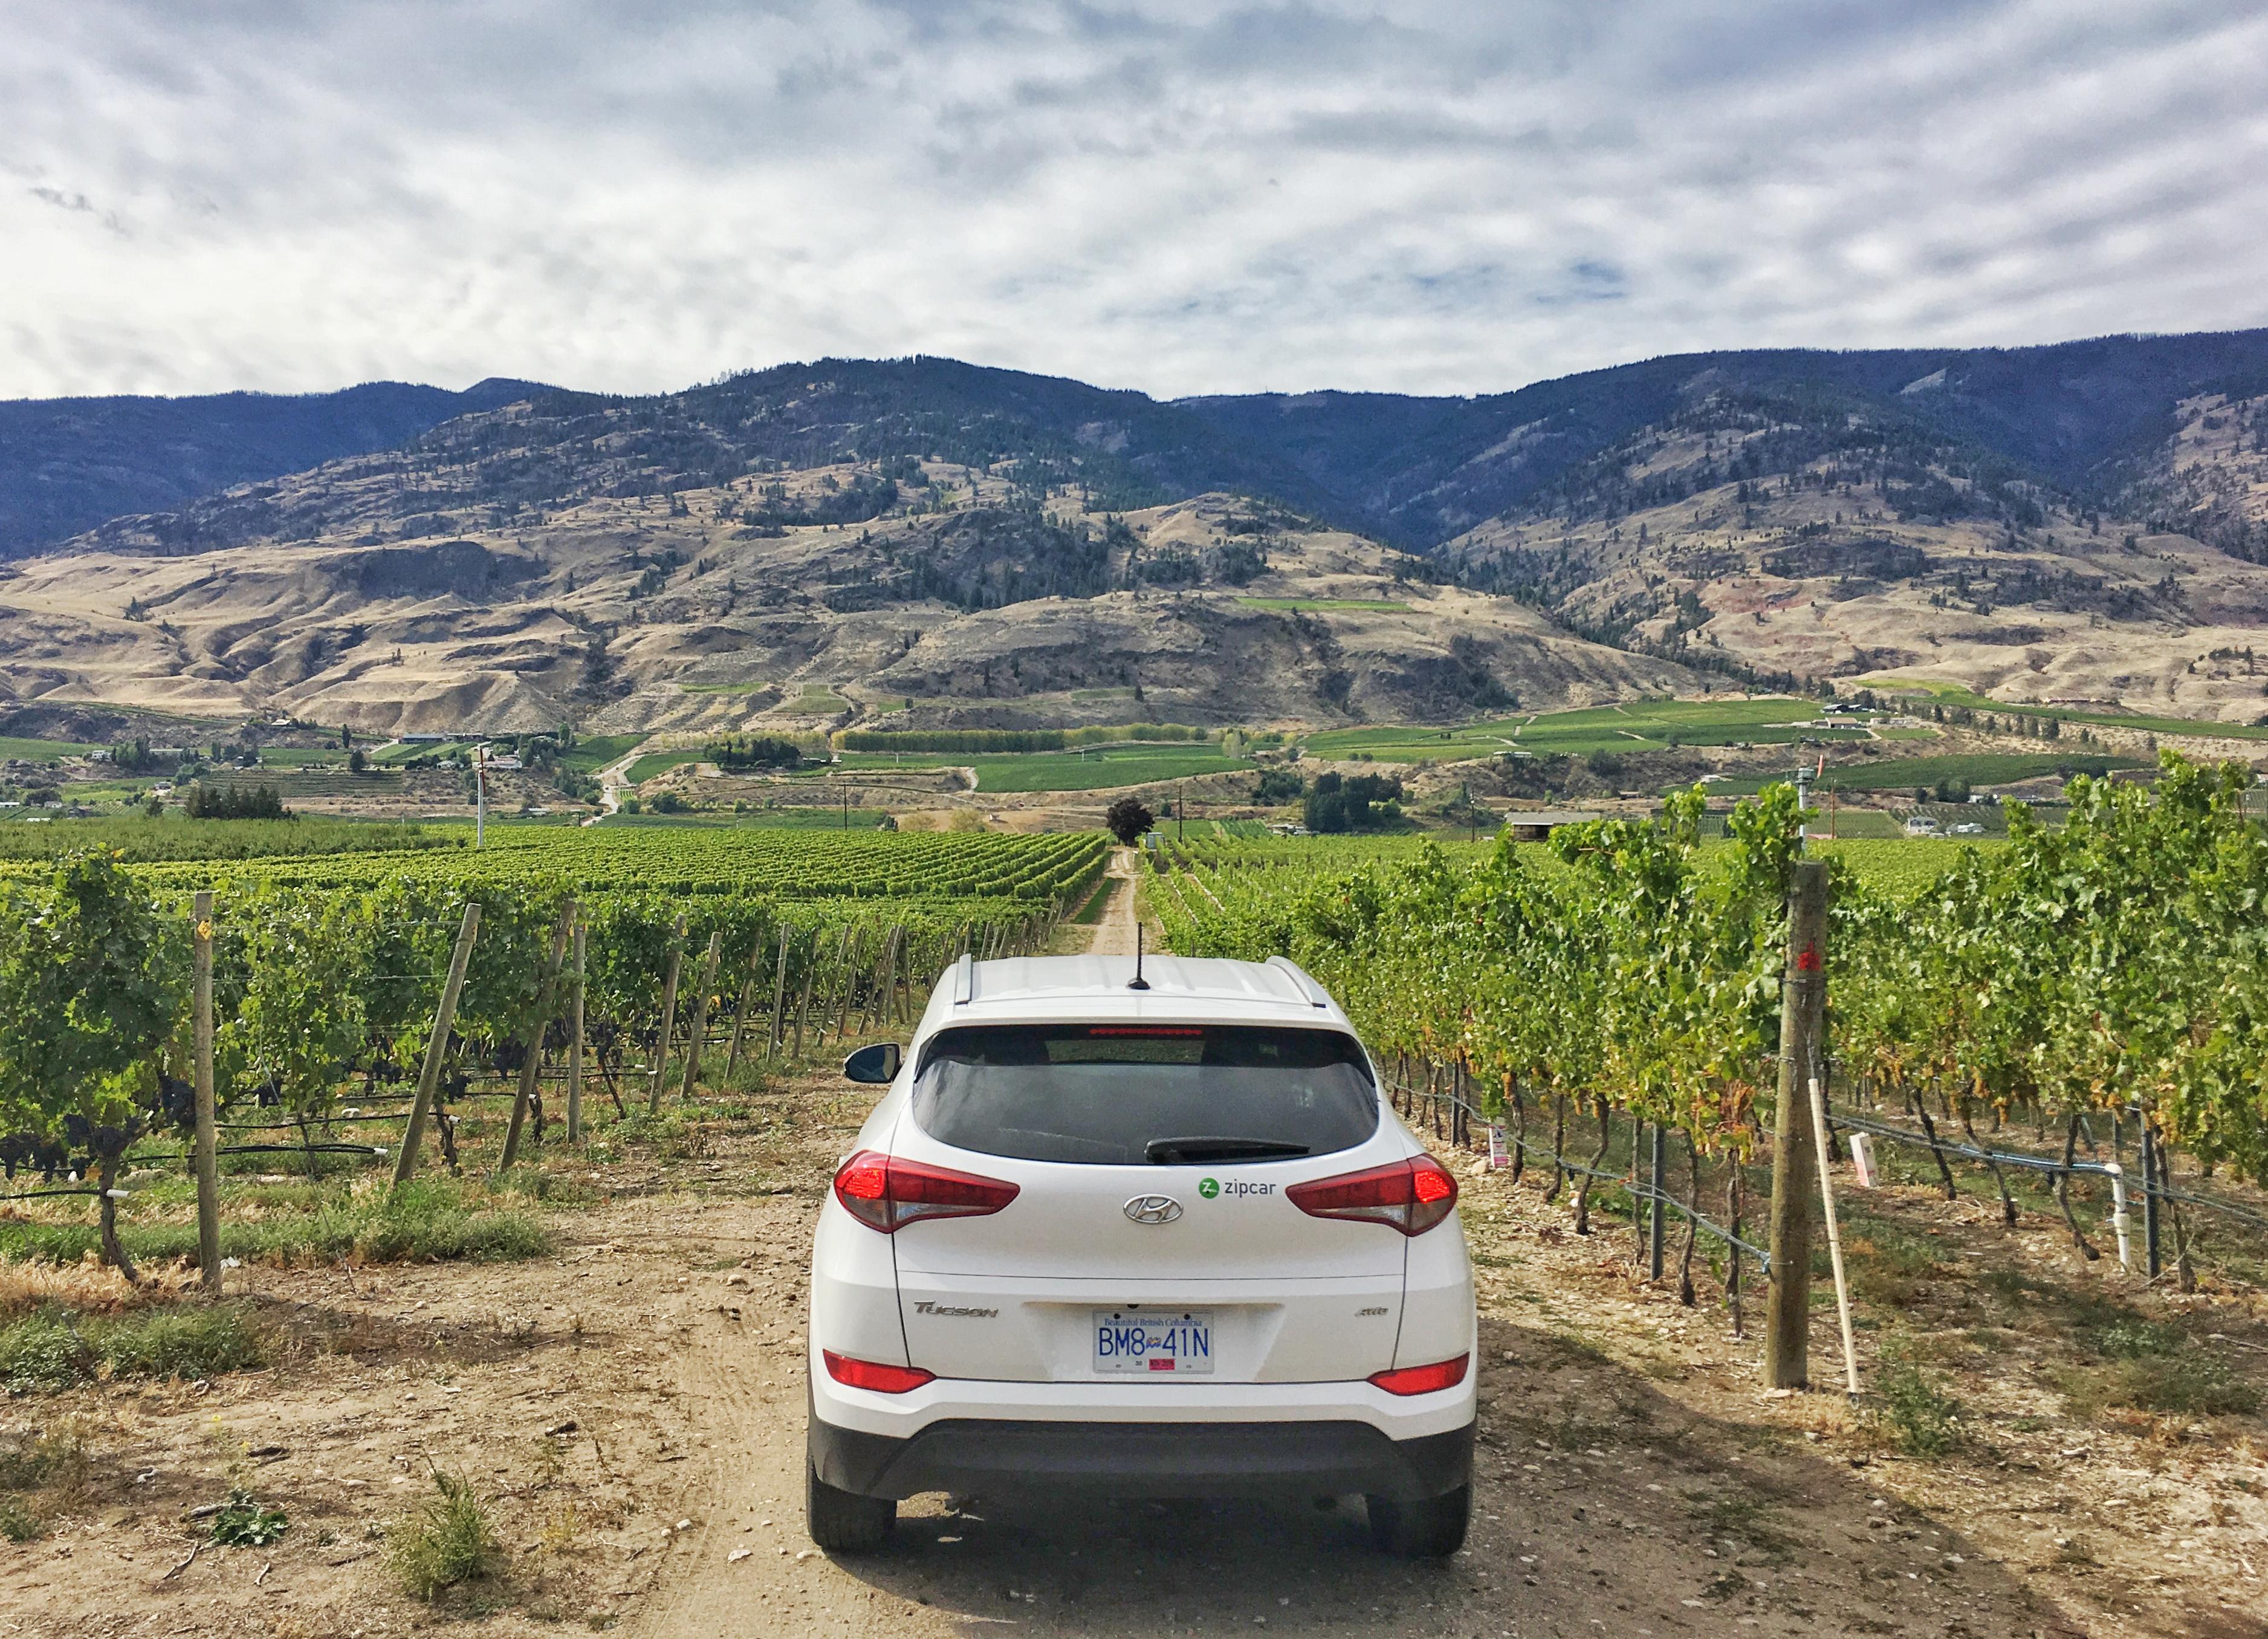 Driving through vineyards